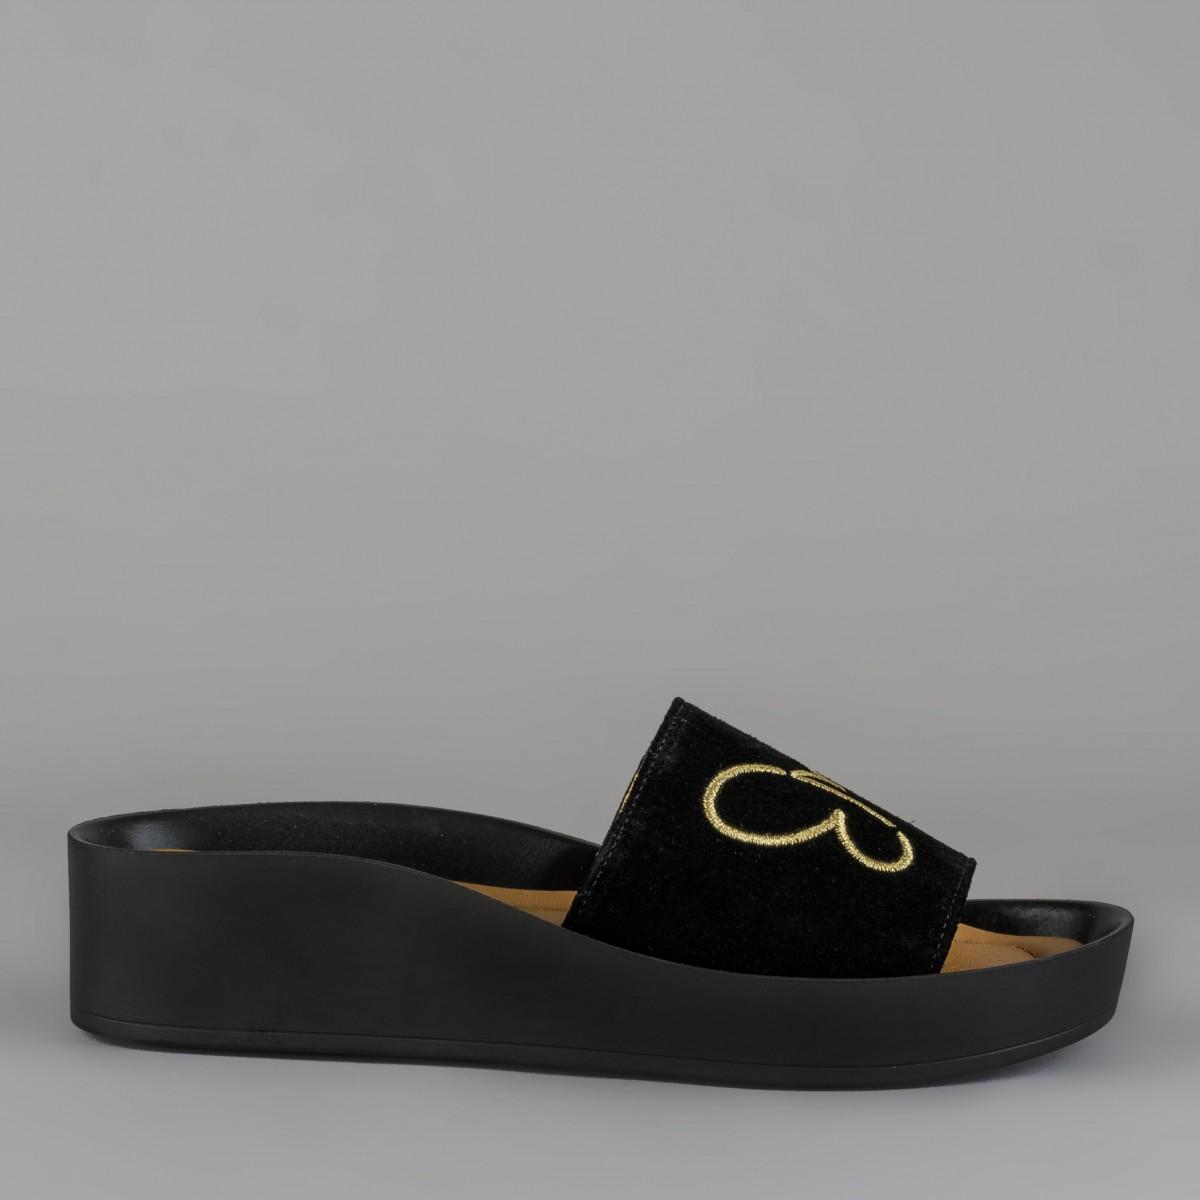 Czarne klapki ze złotym haftem